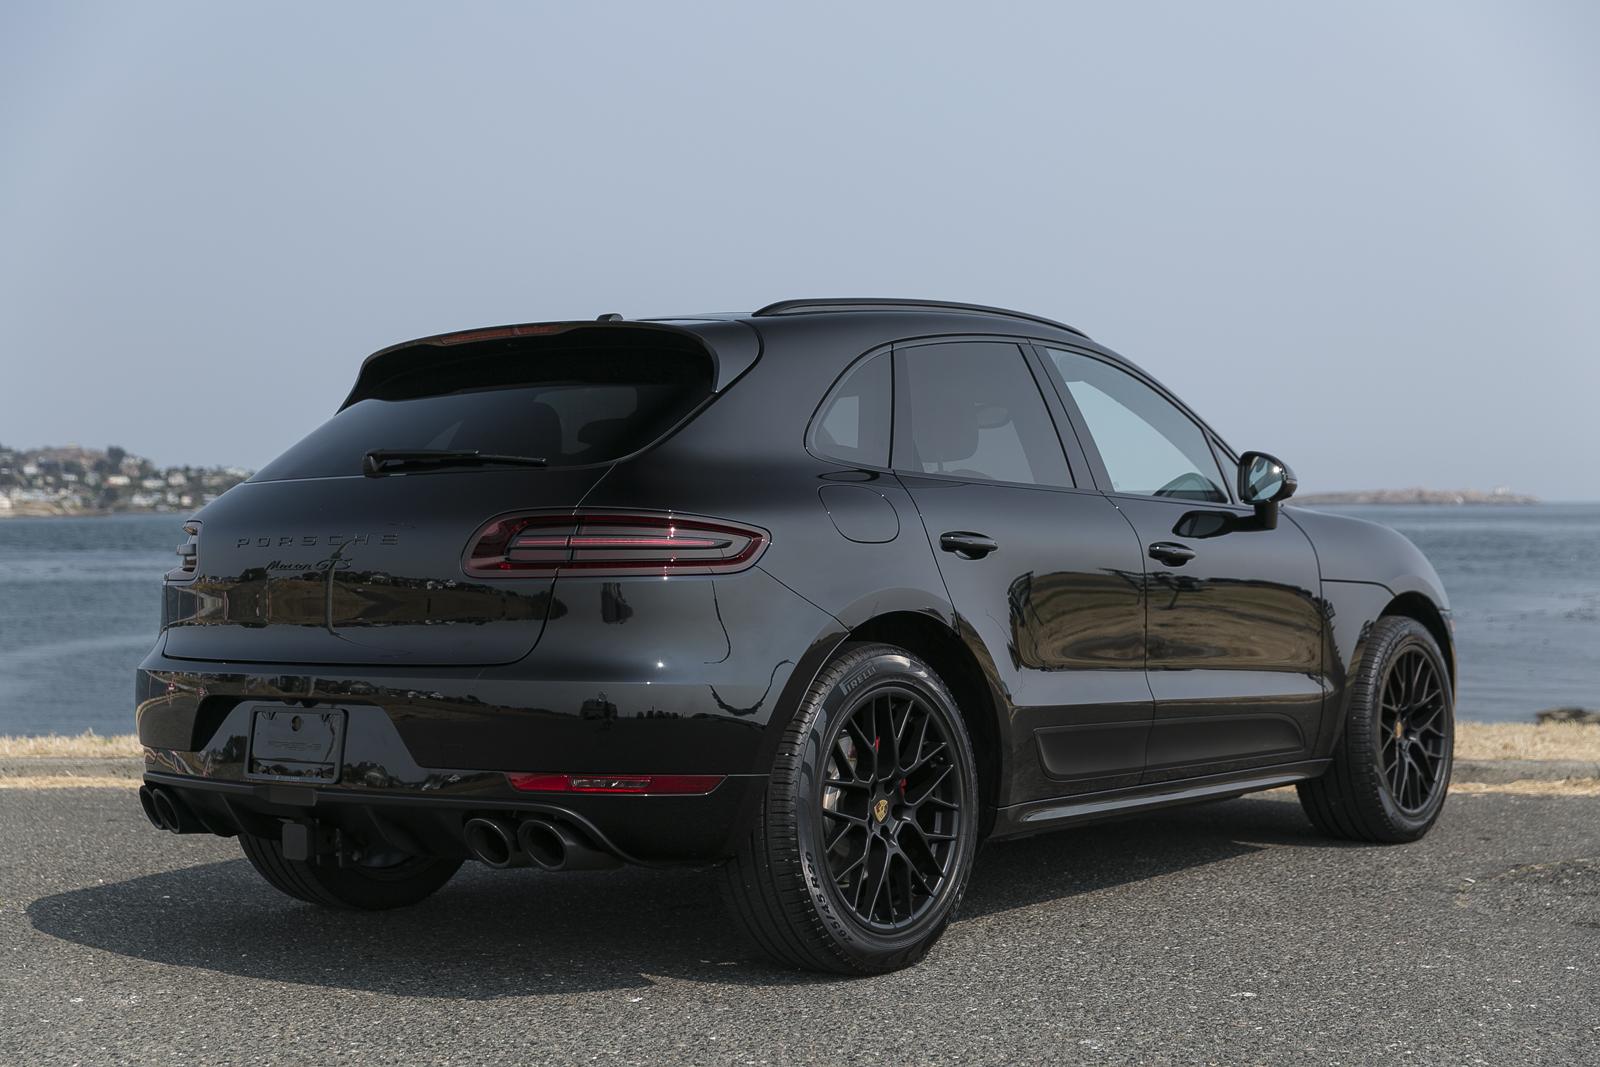 2017 Porsche Macan Gts Motaveracom